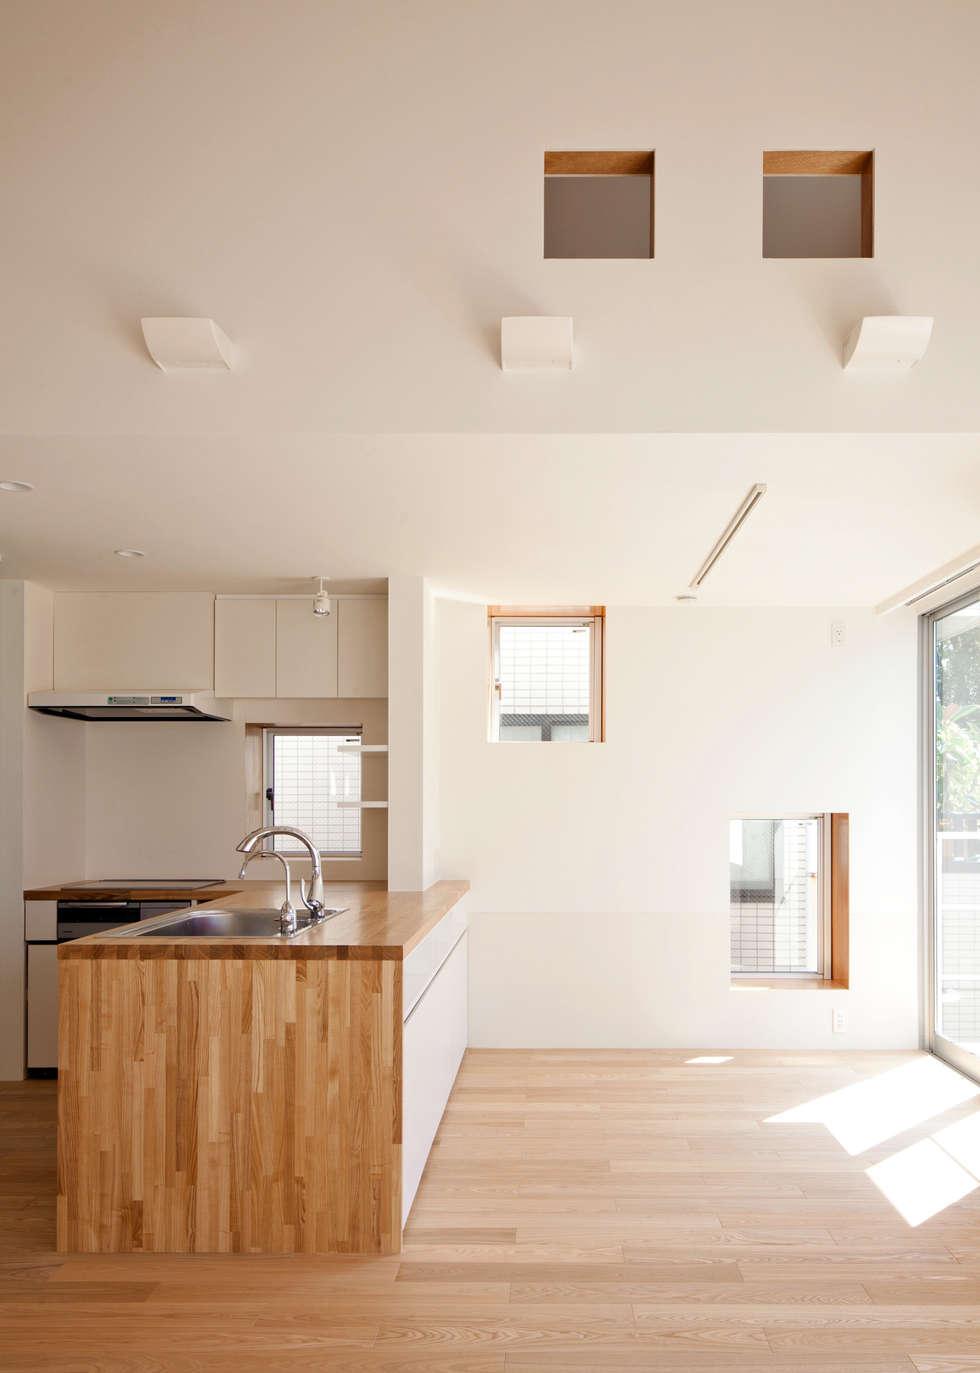 キッチン: Unico design一級建築士事務所が手掛けたキッチンです。